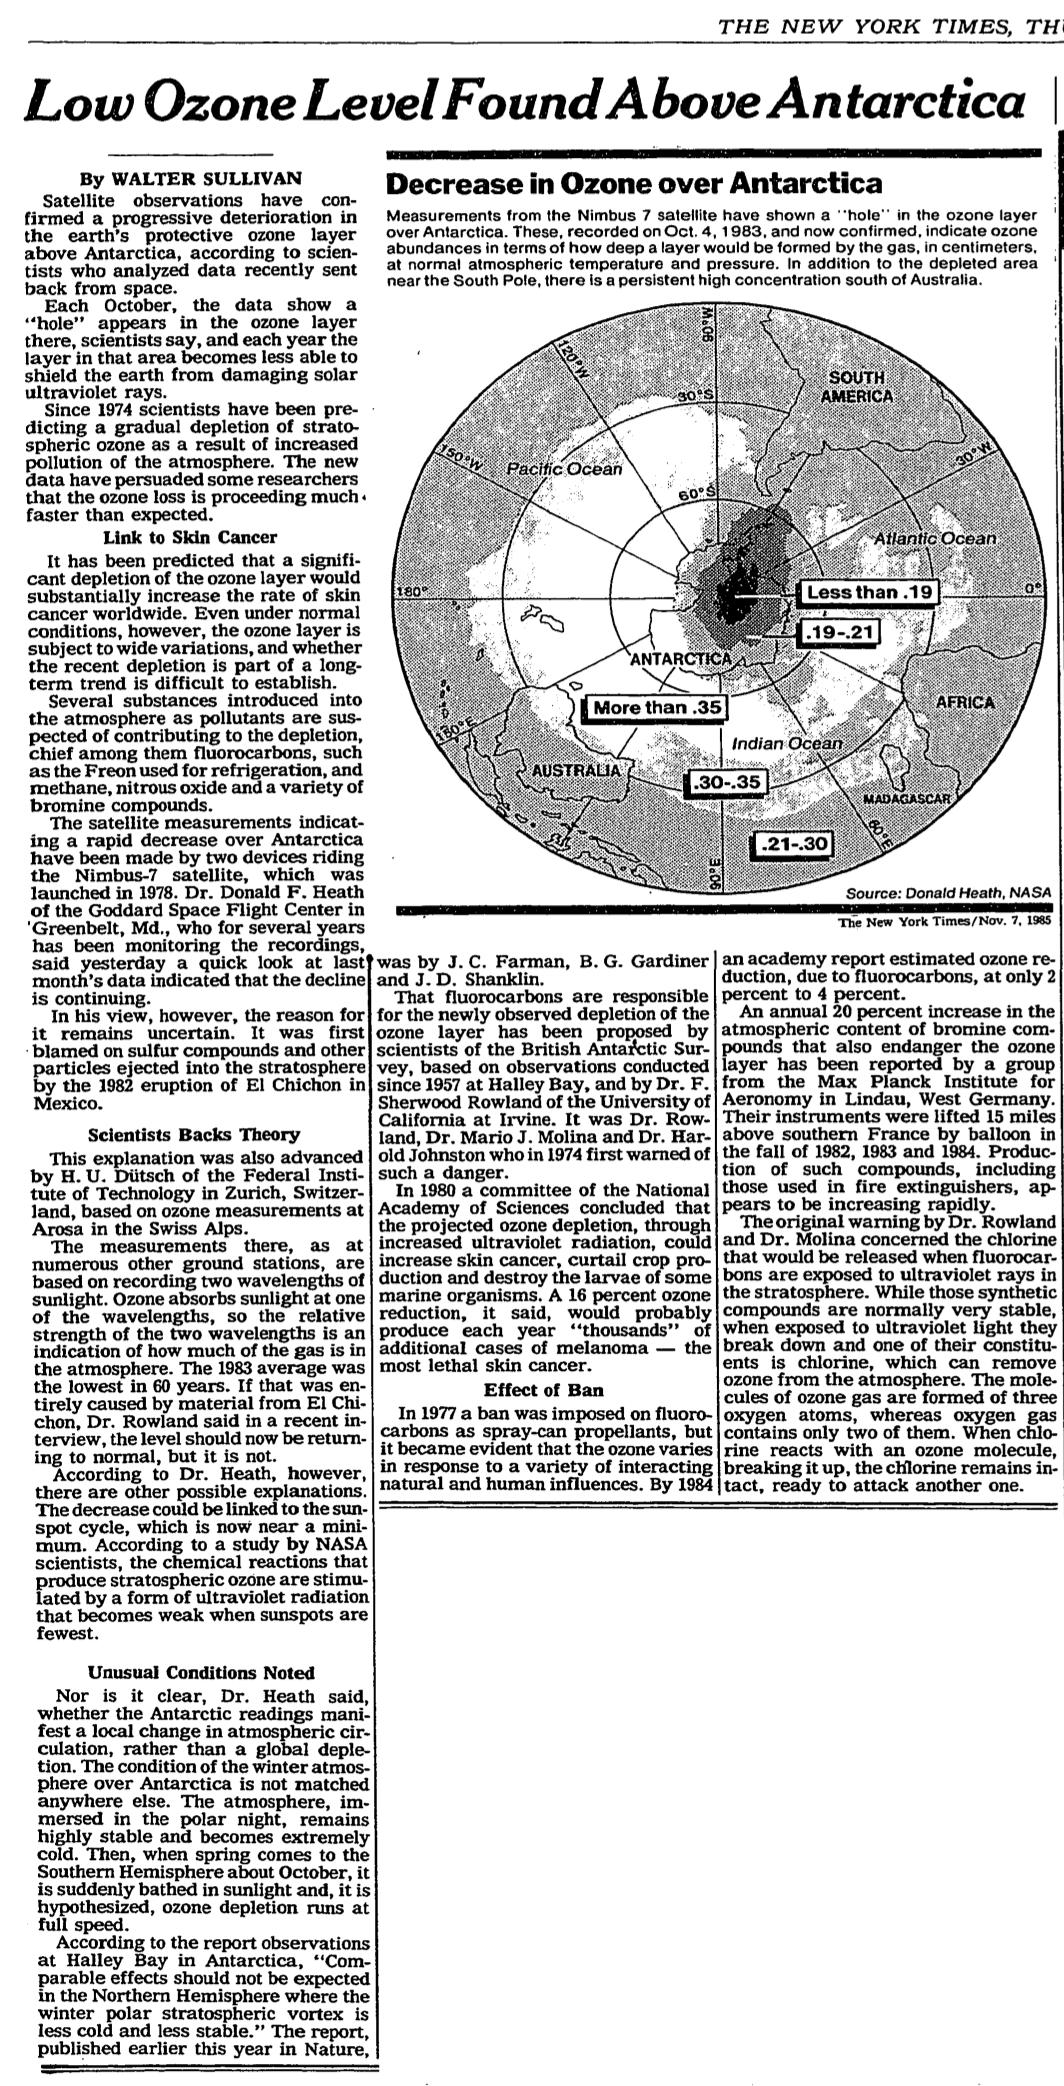 The Nov 1985 NYT story